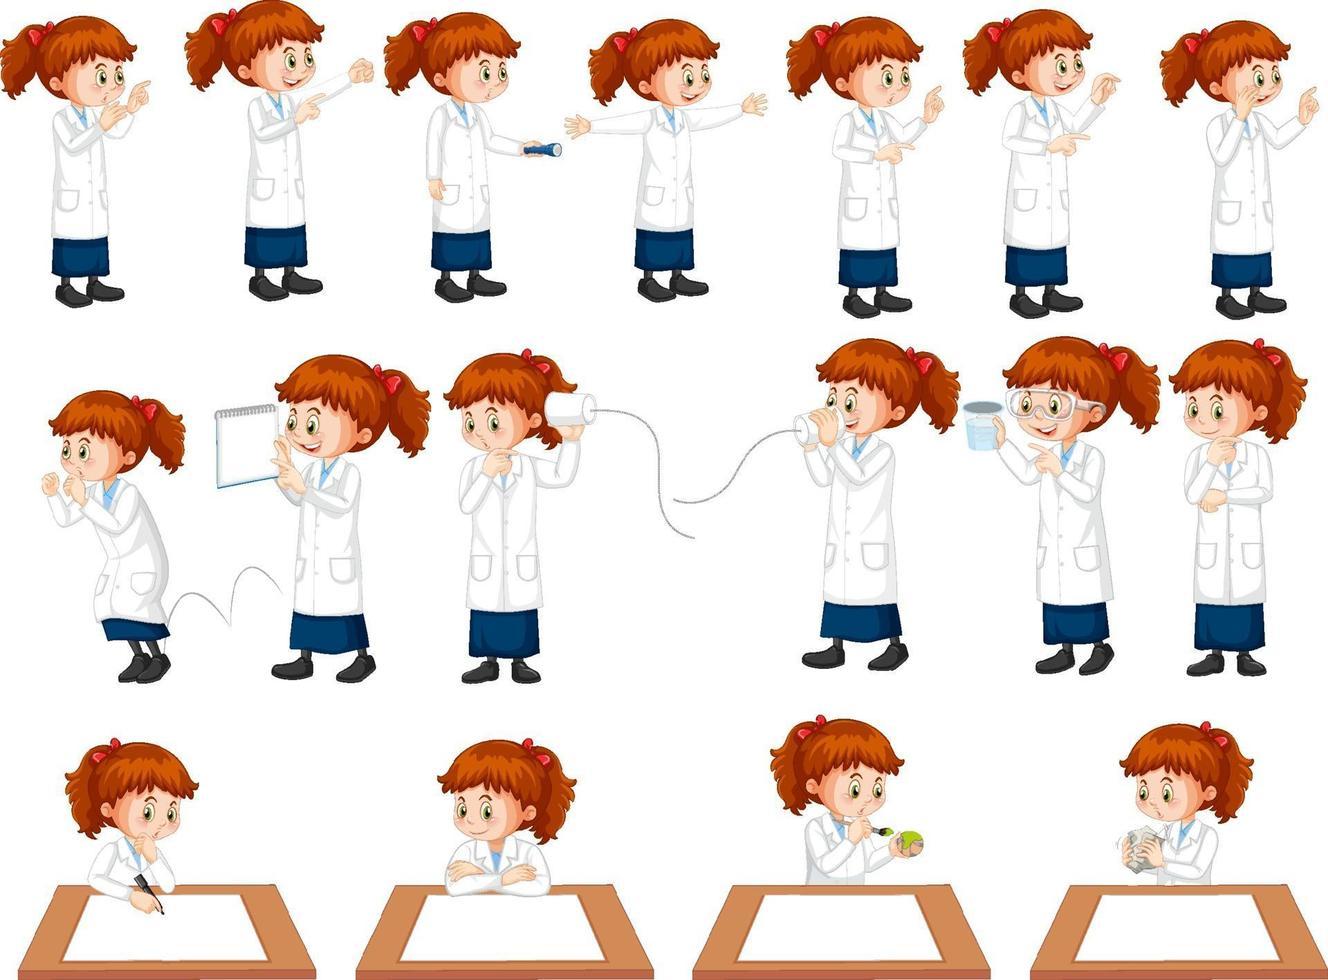 conjunto de una niña científica haciendo diferentes experimentos. vector